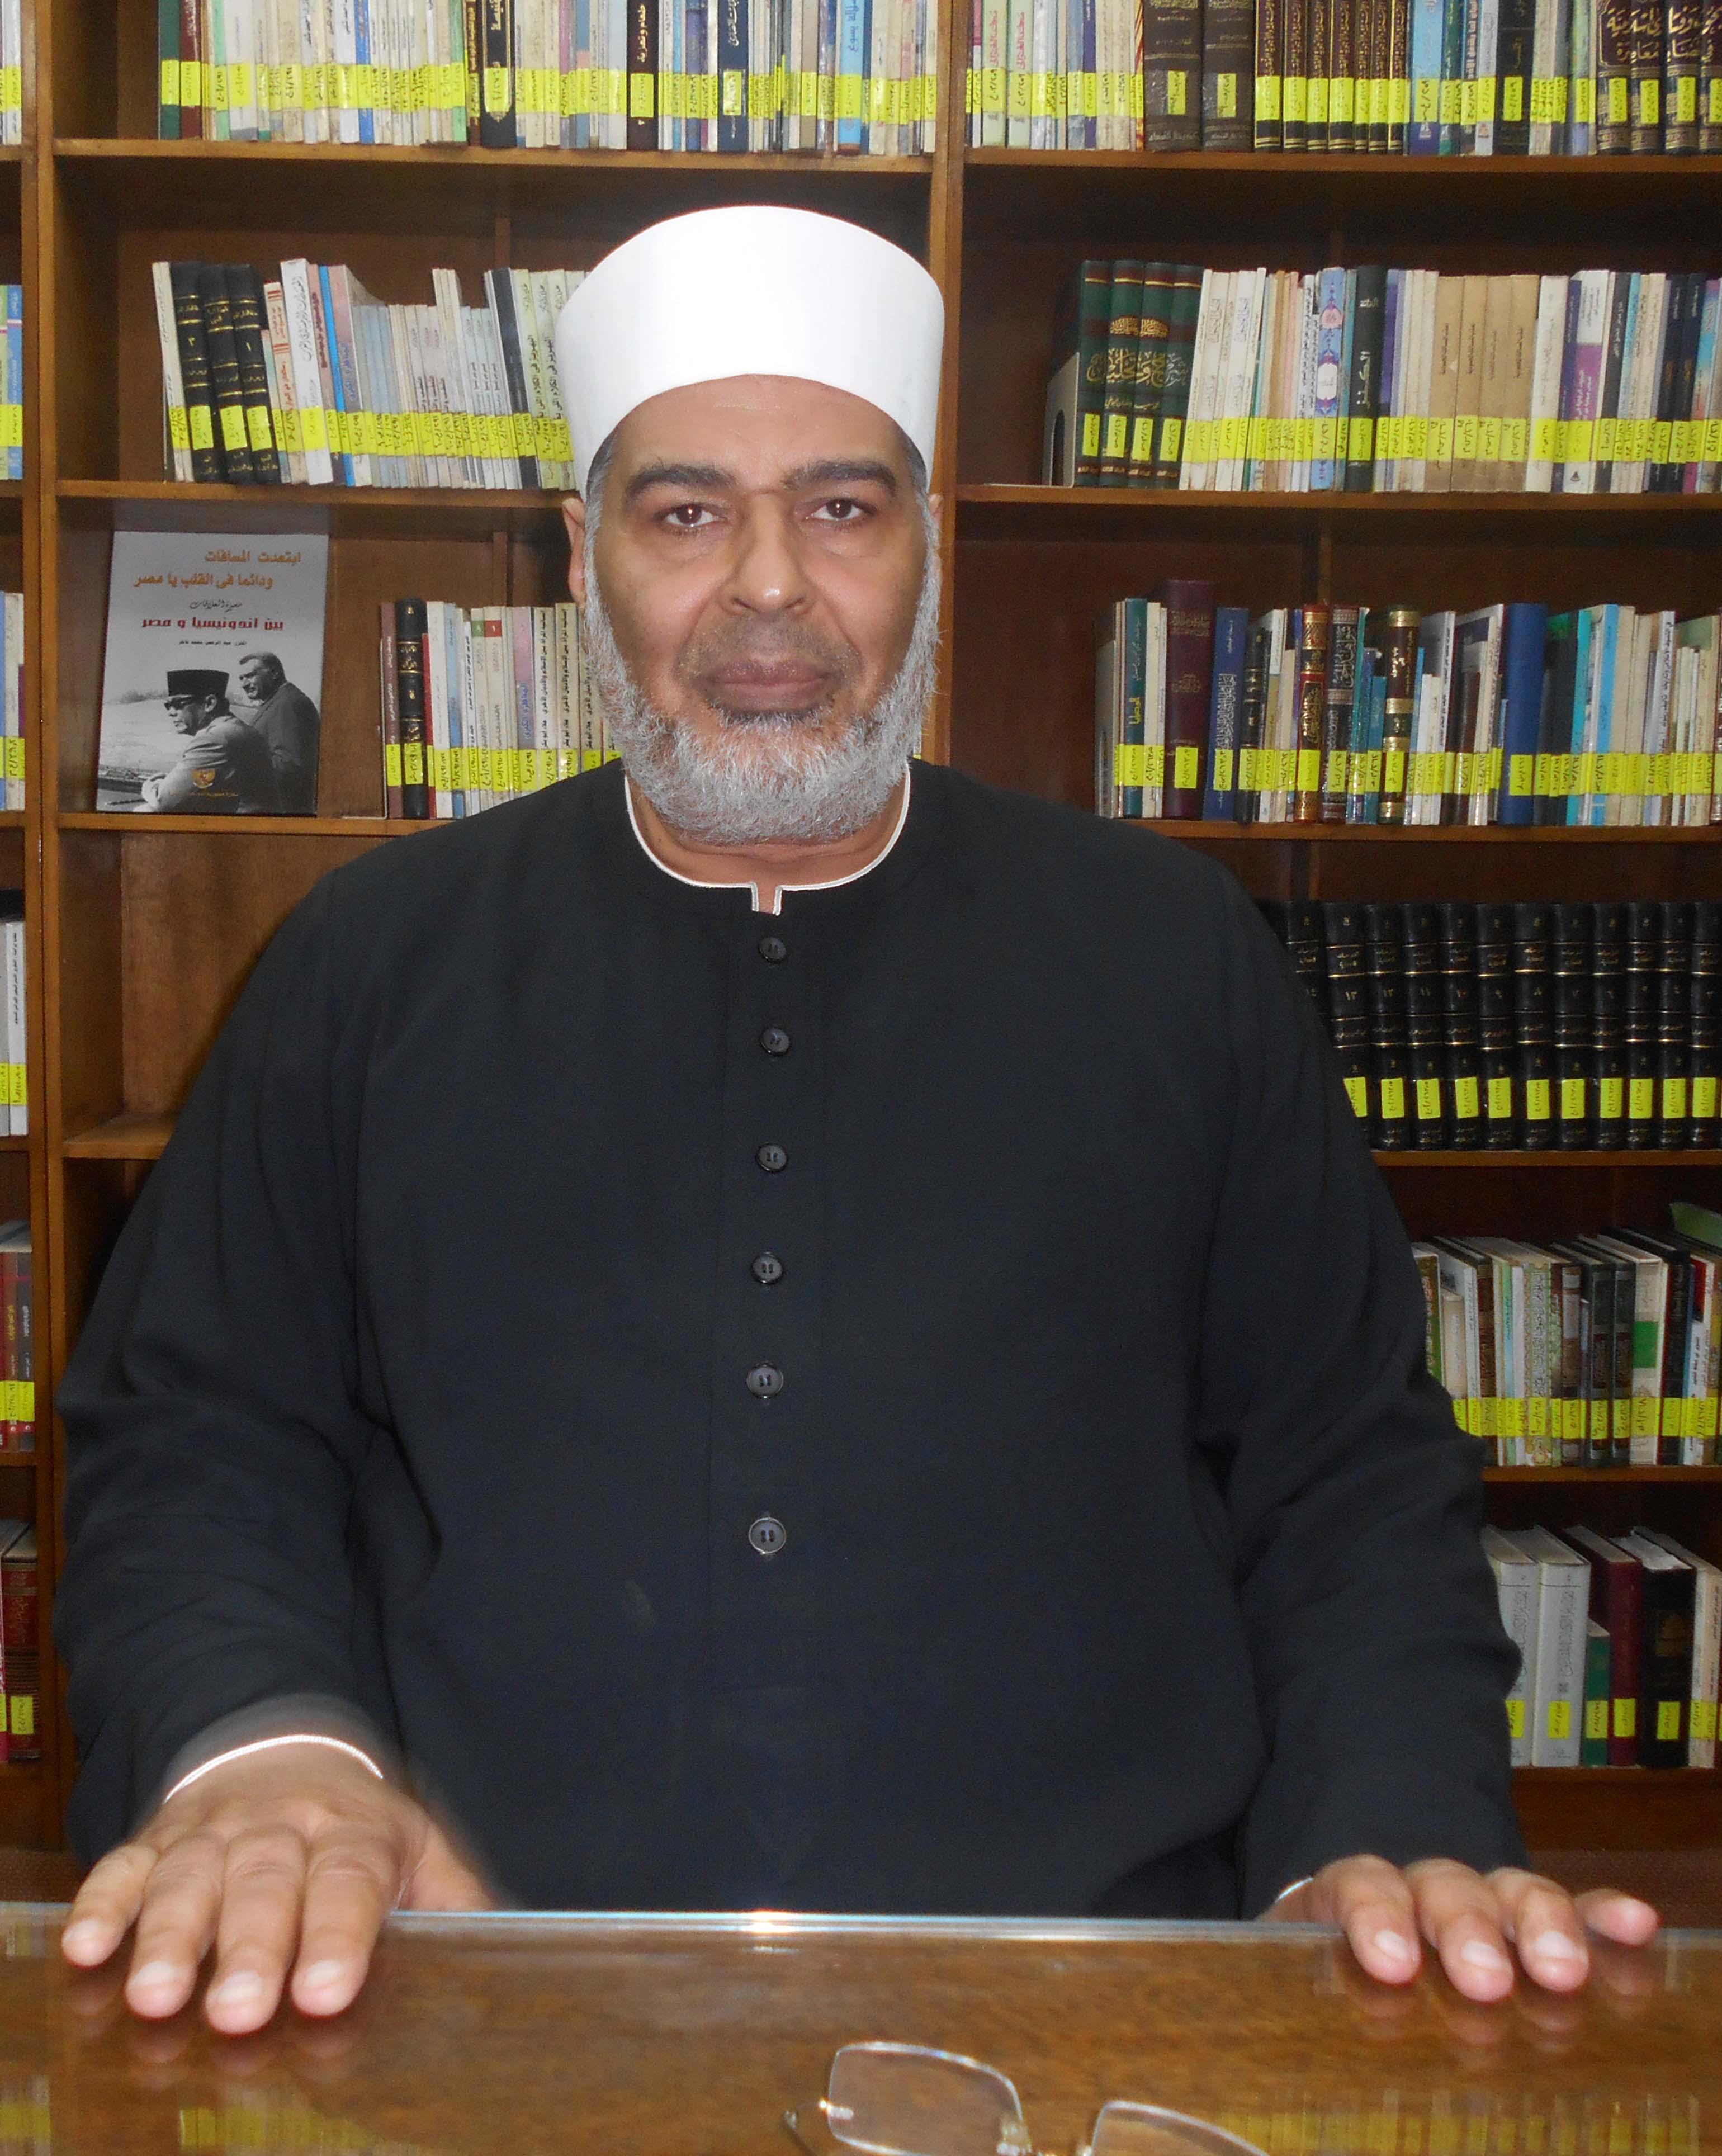 ا.د/ محمد داود يكتب : وقفة مع رموز الأديان السماوية